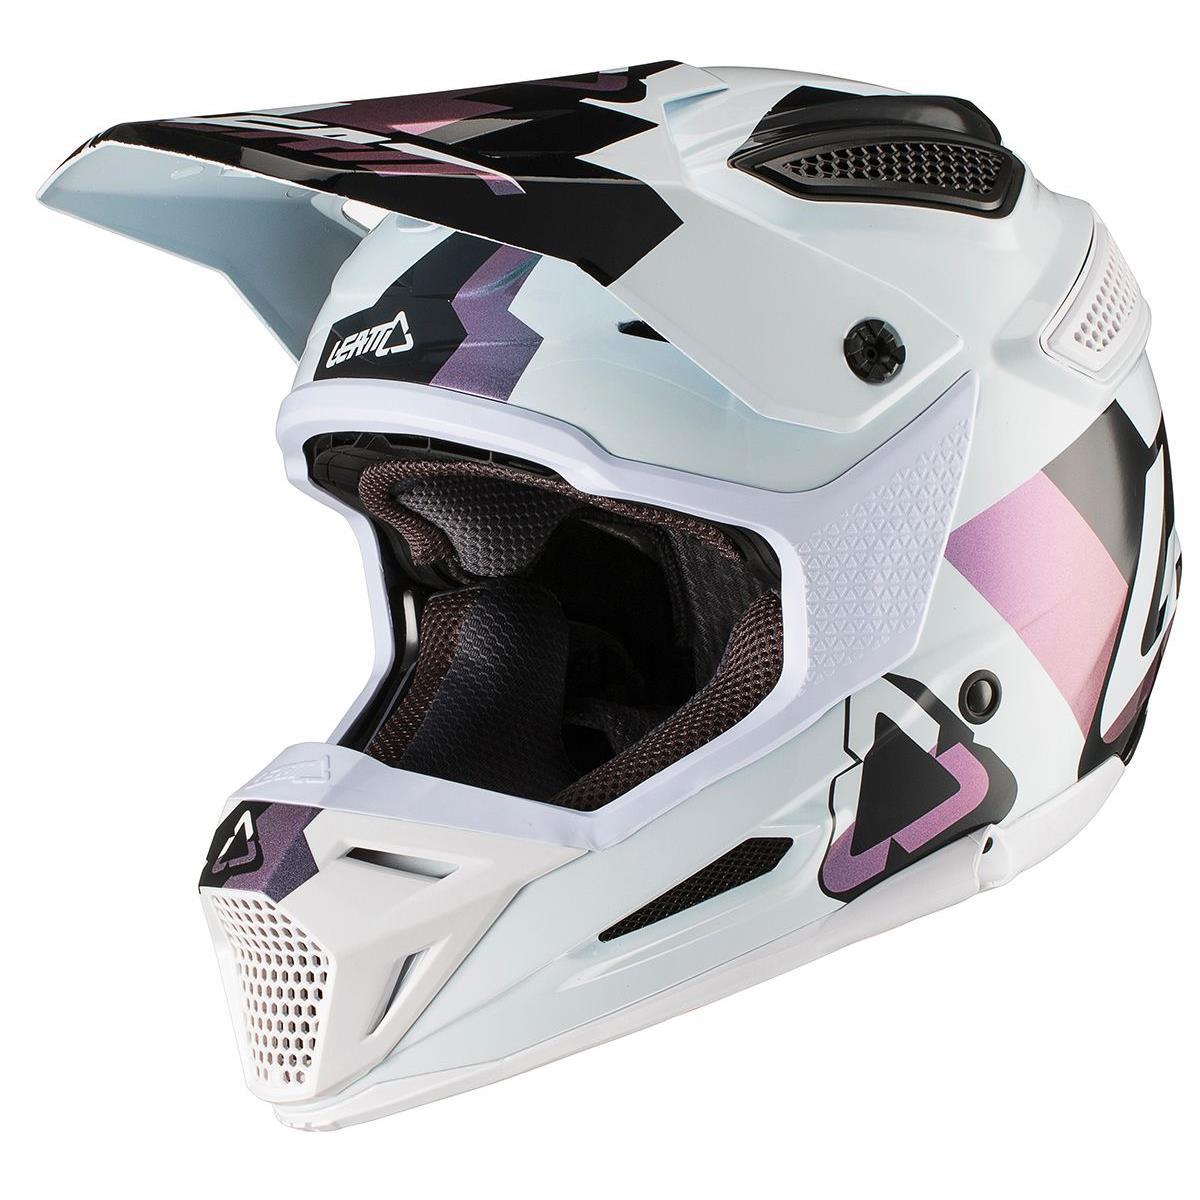 Leatt Helm GPX 5.5 Composite V19.1 Weiß/Schwarz